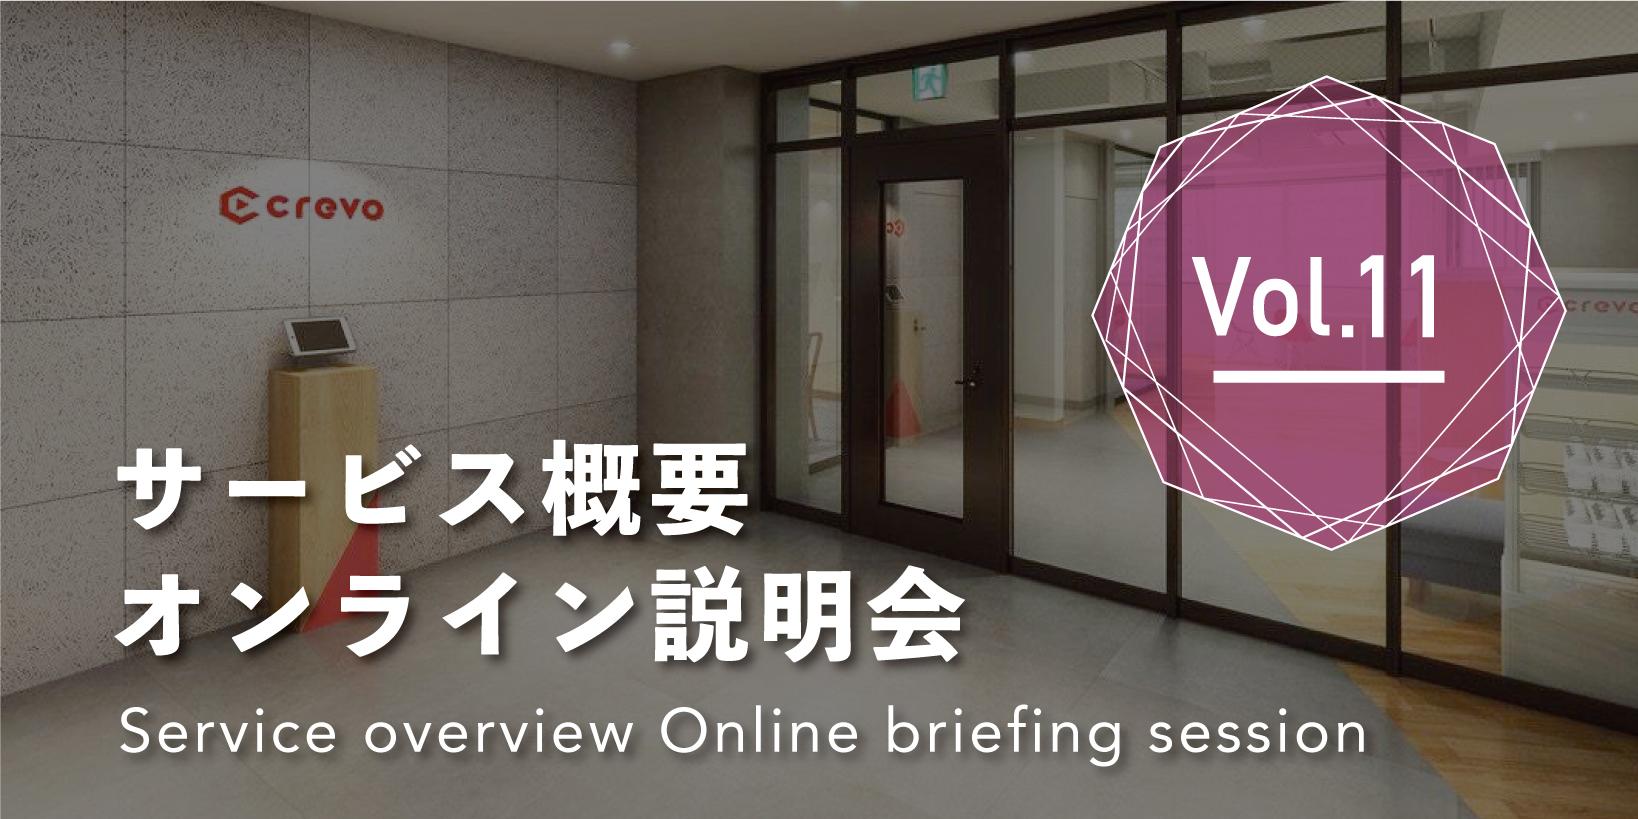 VideoWorksサービス概要オンライン説明会 Vol.11